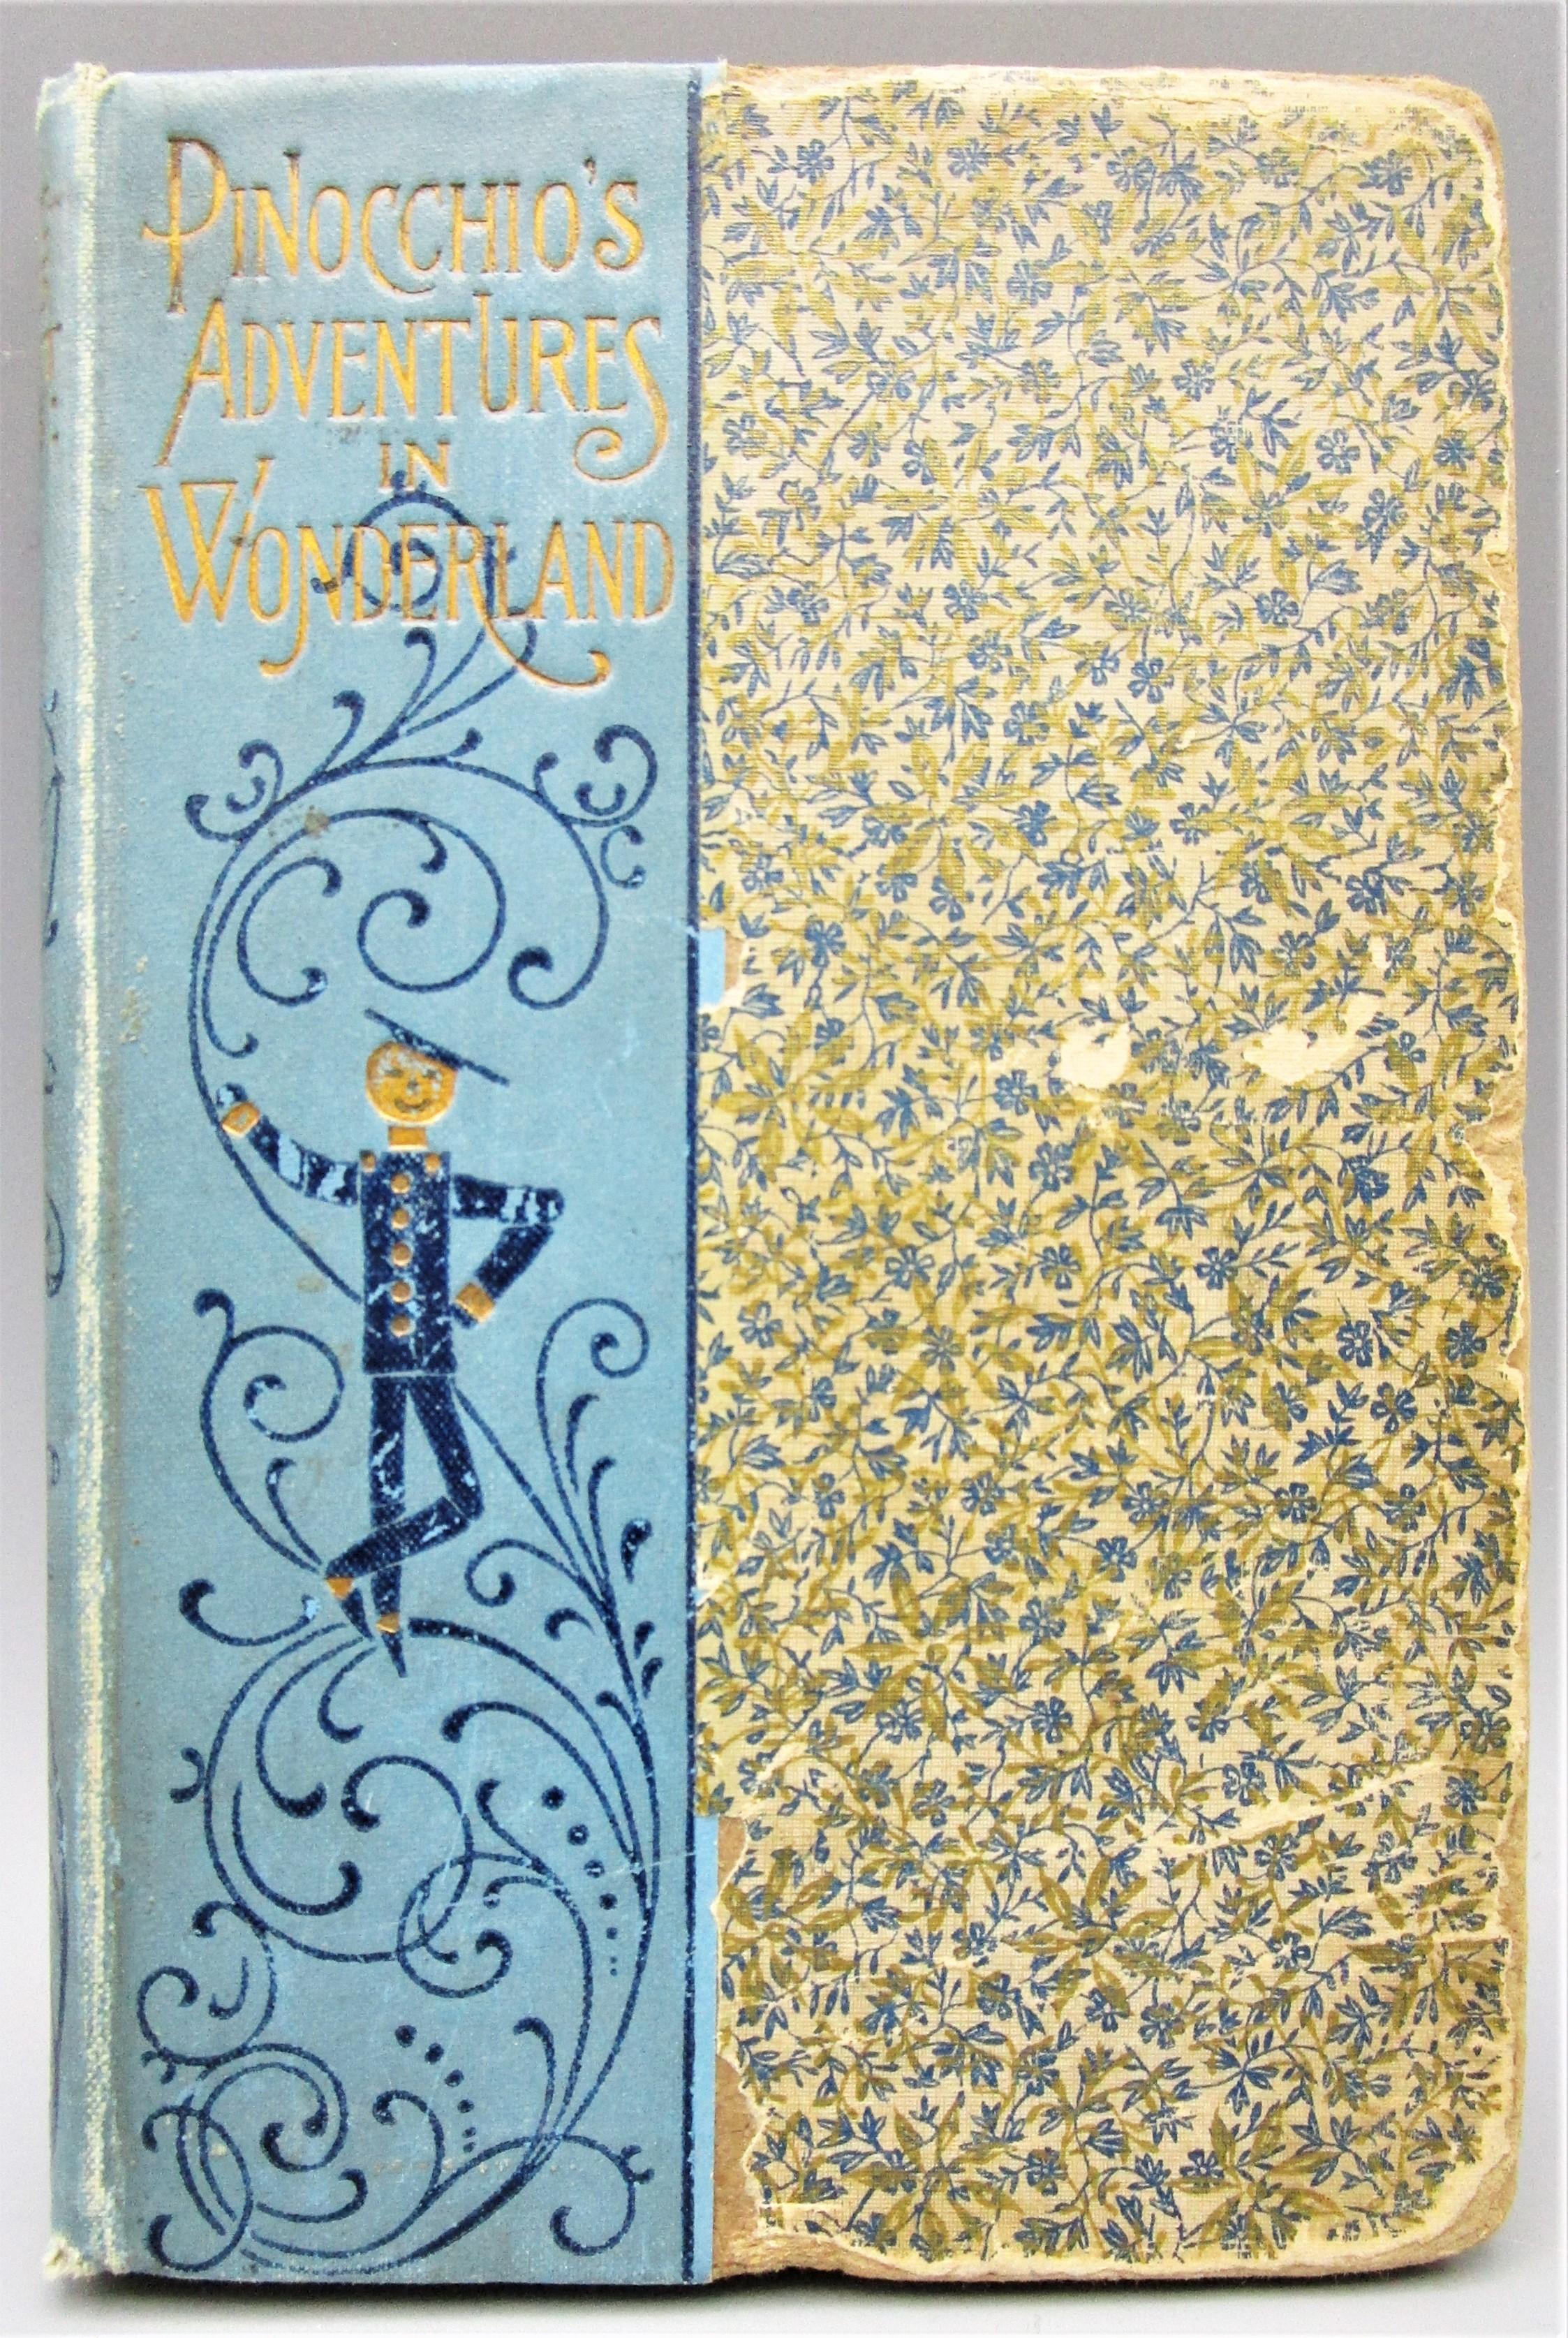 PINOCCHIO'S ADVENTURES IN WONDERLAND, by Hezekiah Butterworth  - 1898